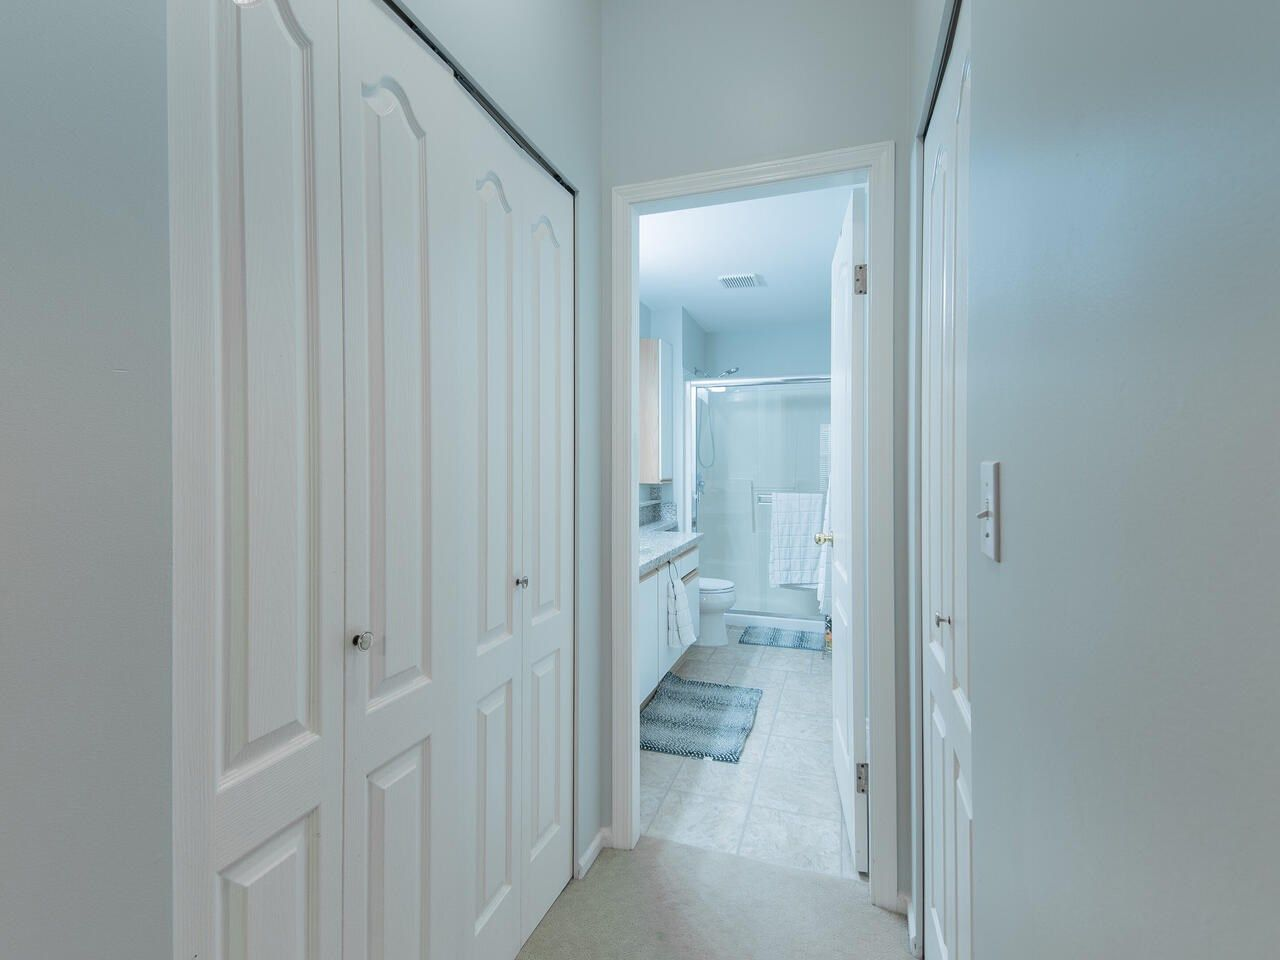 Photo 8: Photos: 108 13918 72 Avenue in Surrey: East Newton Condo for sale : MLS®# R2538723